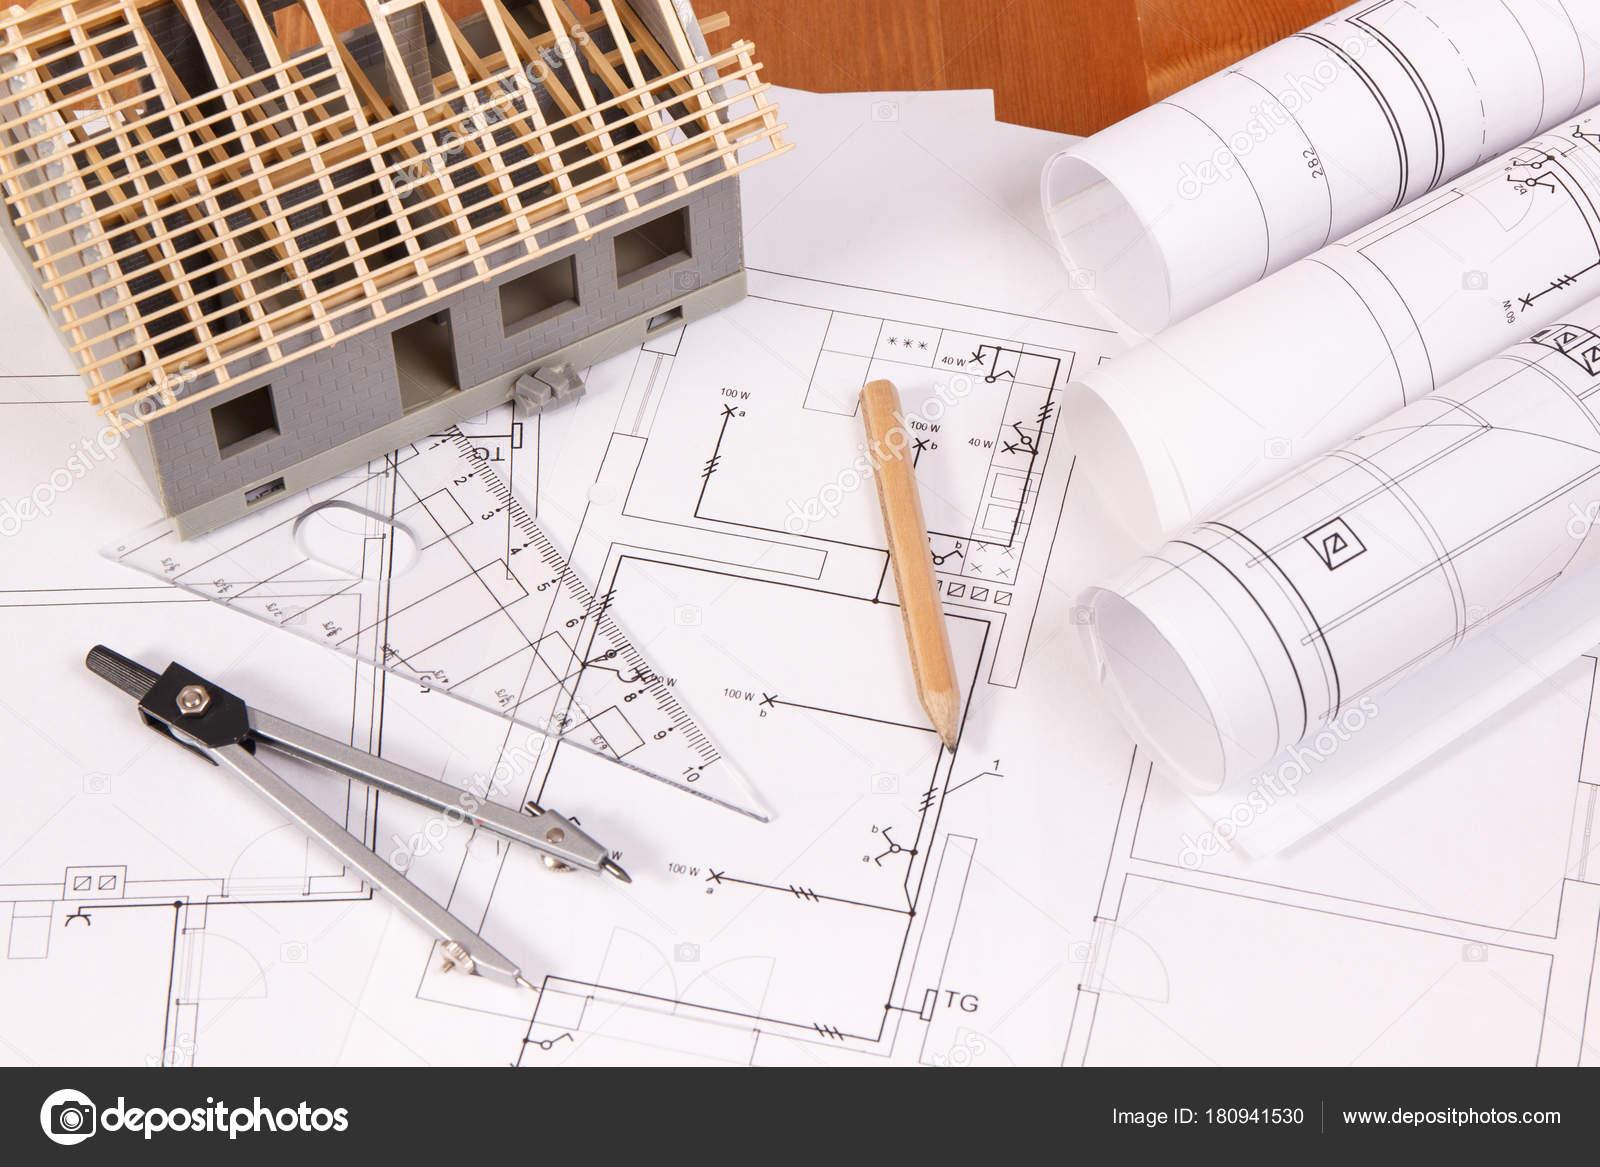 Schemi Elettrici Per Casa : Schemi elettrici accessori per lavori in ingegnere e casa in